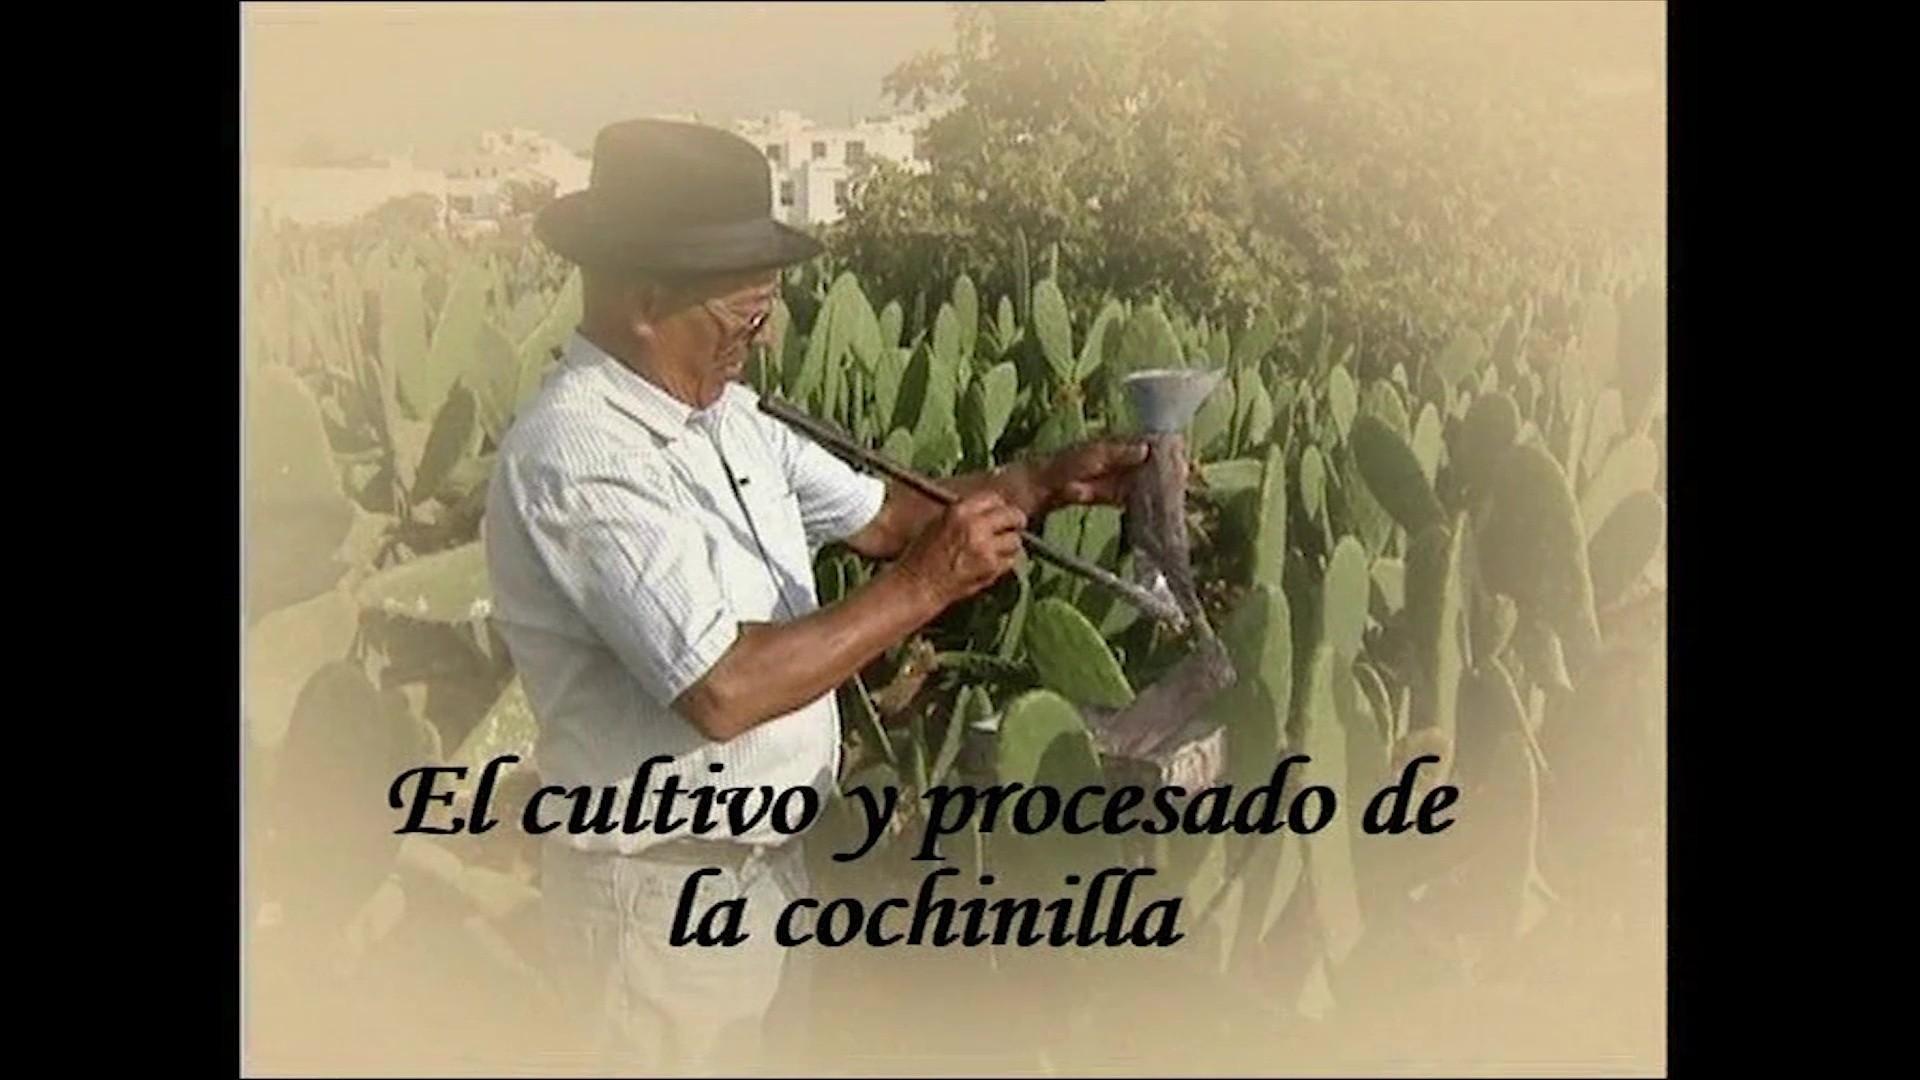 El cultivo y procesado de la cochinilla (2006)